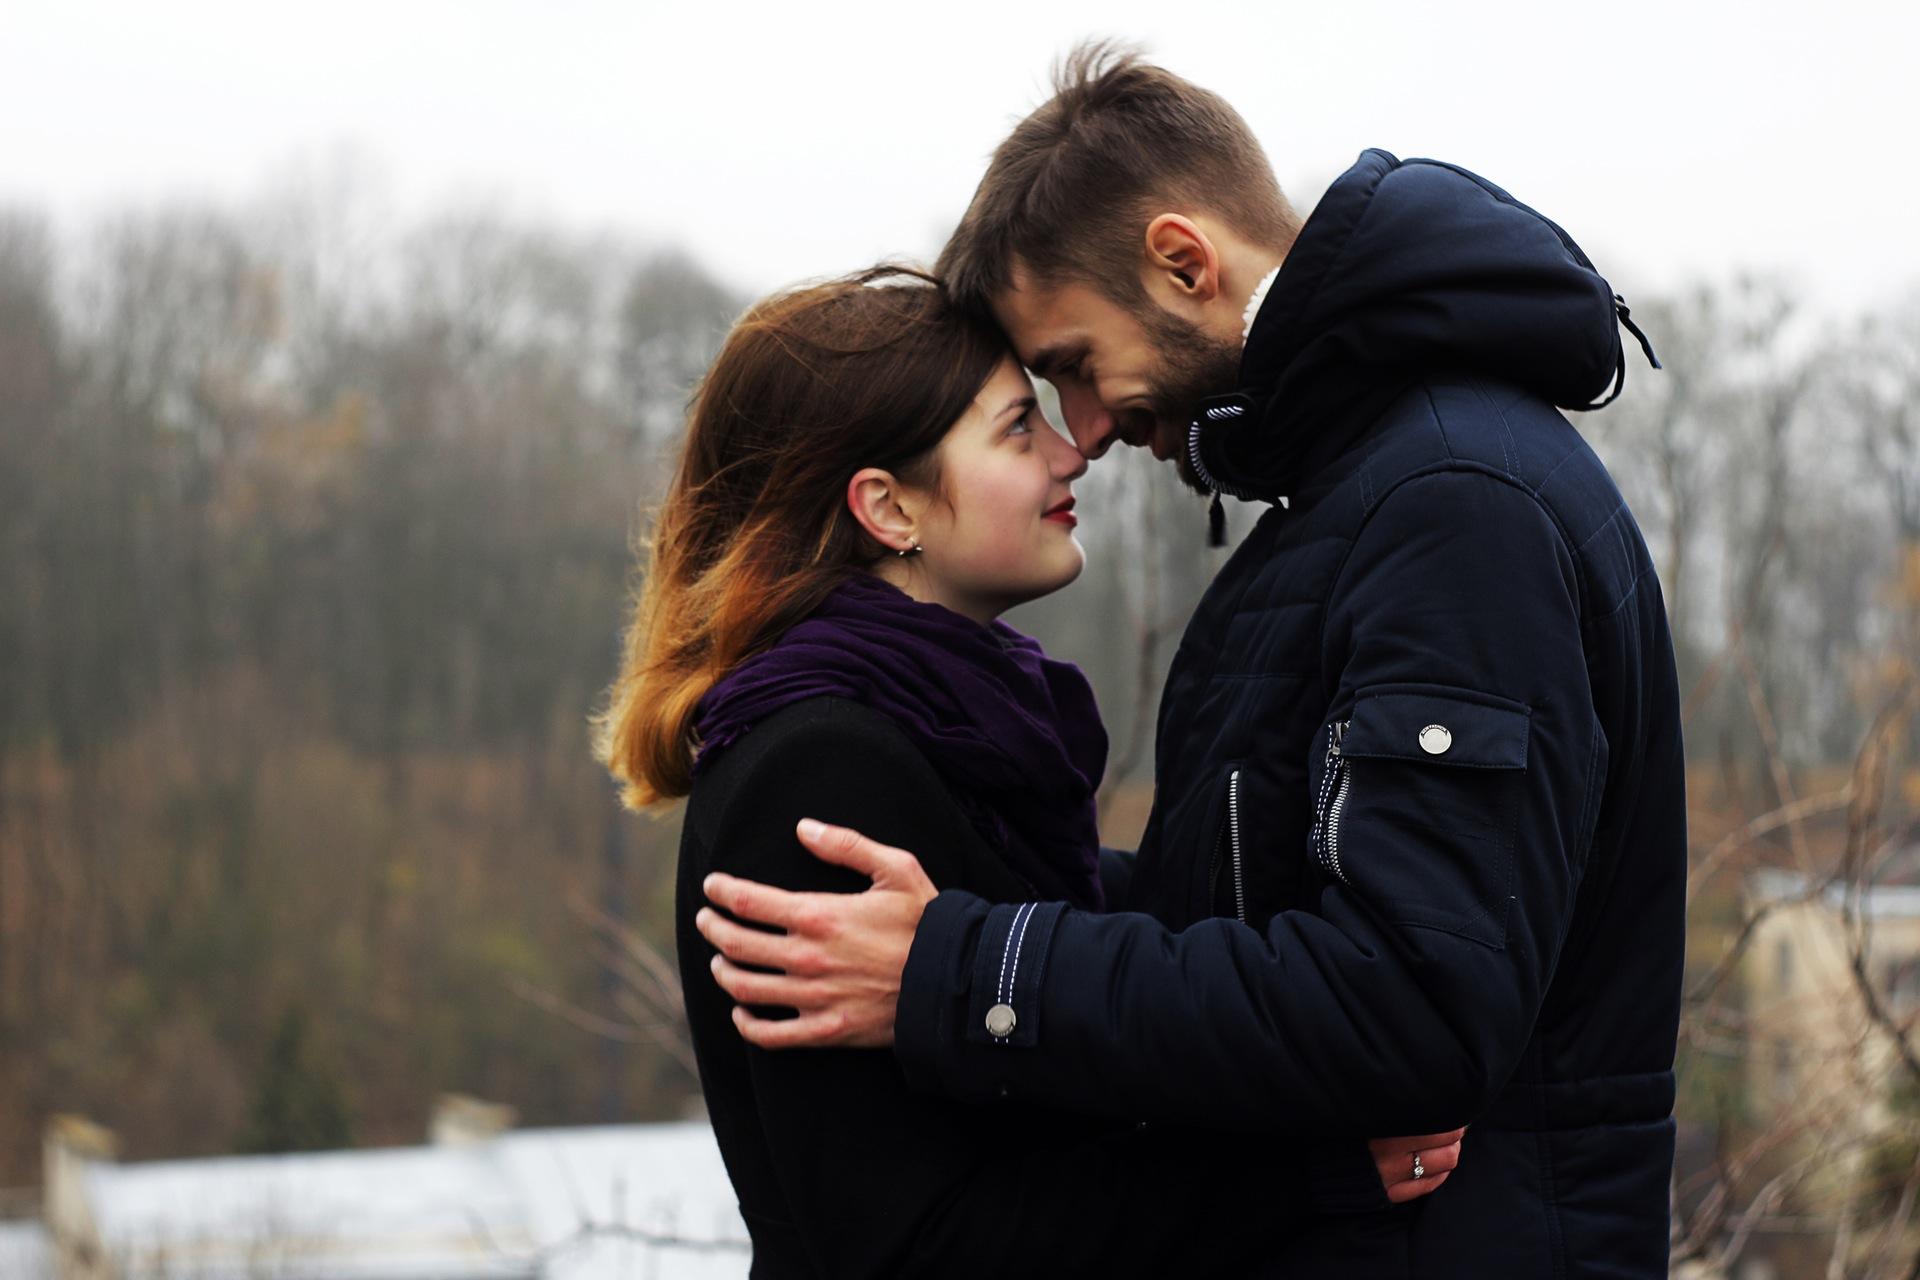 L'homme quittera son père et sa mère… Que signifie « quitter ses parents» ?